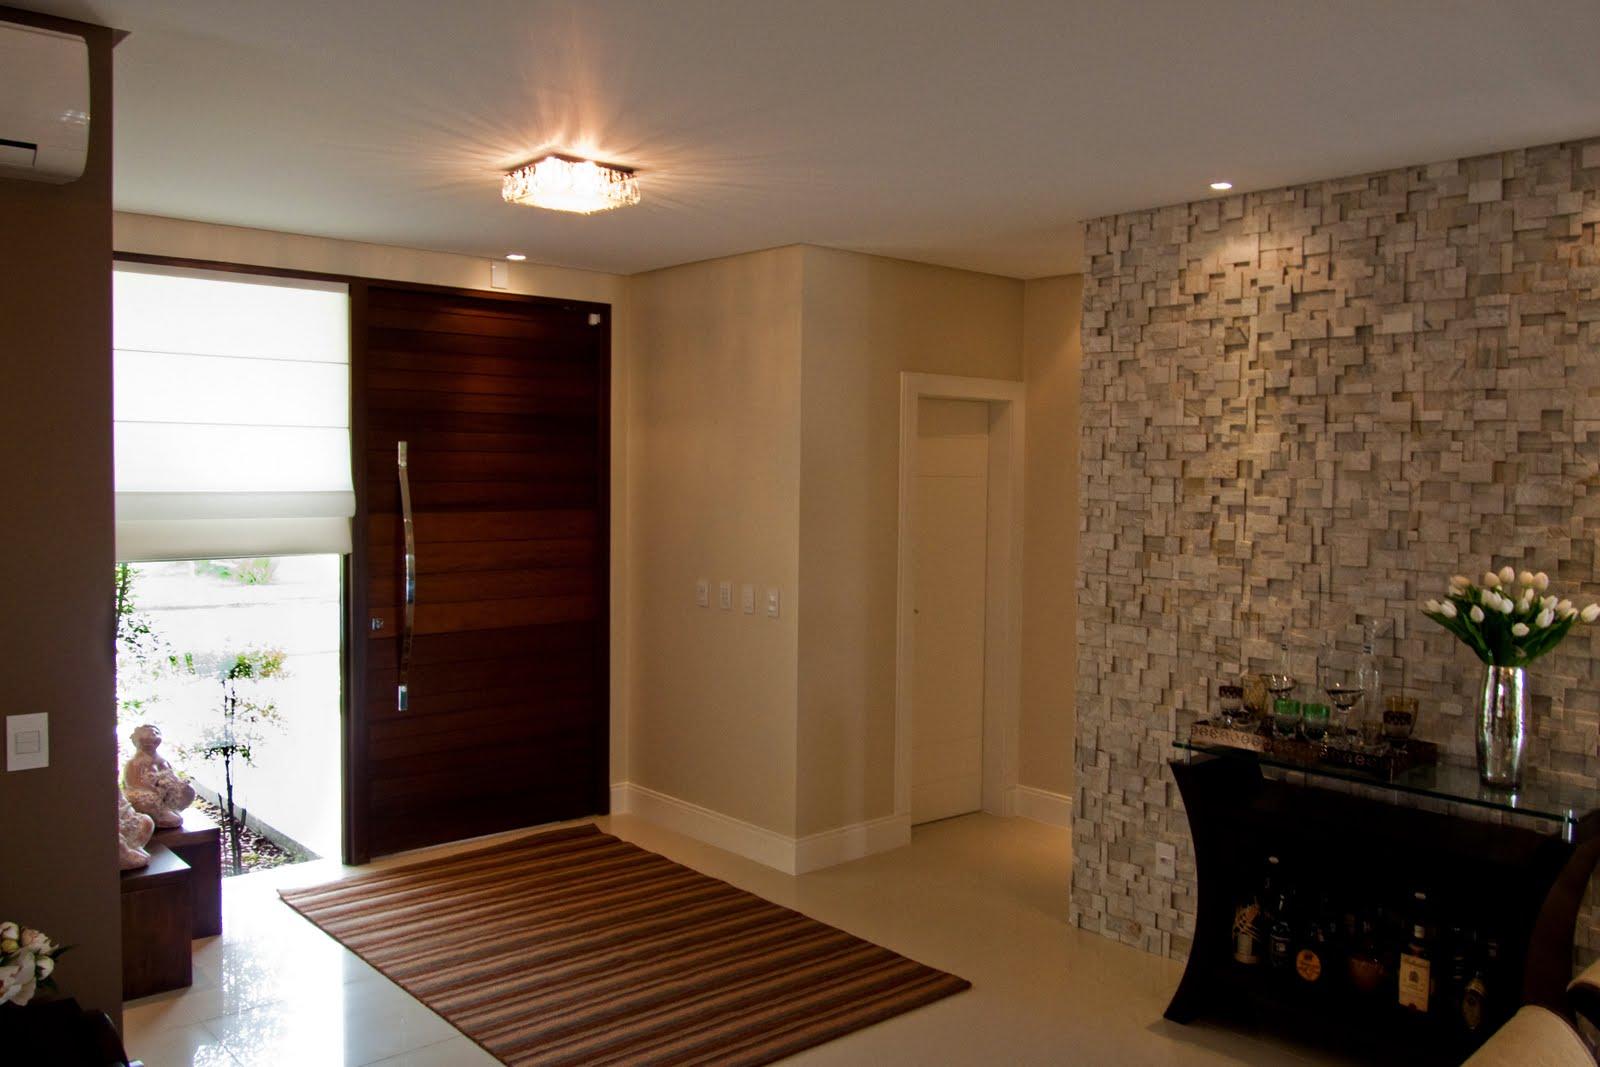 parede de mosaico em pedra é cenário para o aparador do jantar. #27150C 1600x1067 Bancada Banheiro Teca